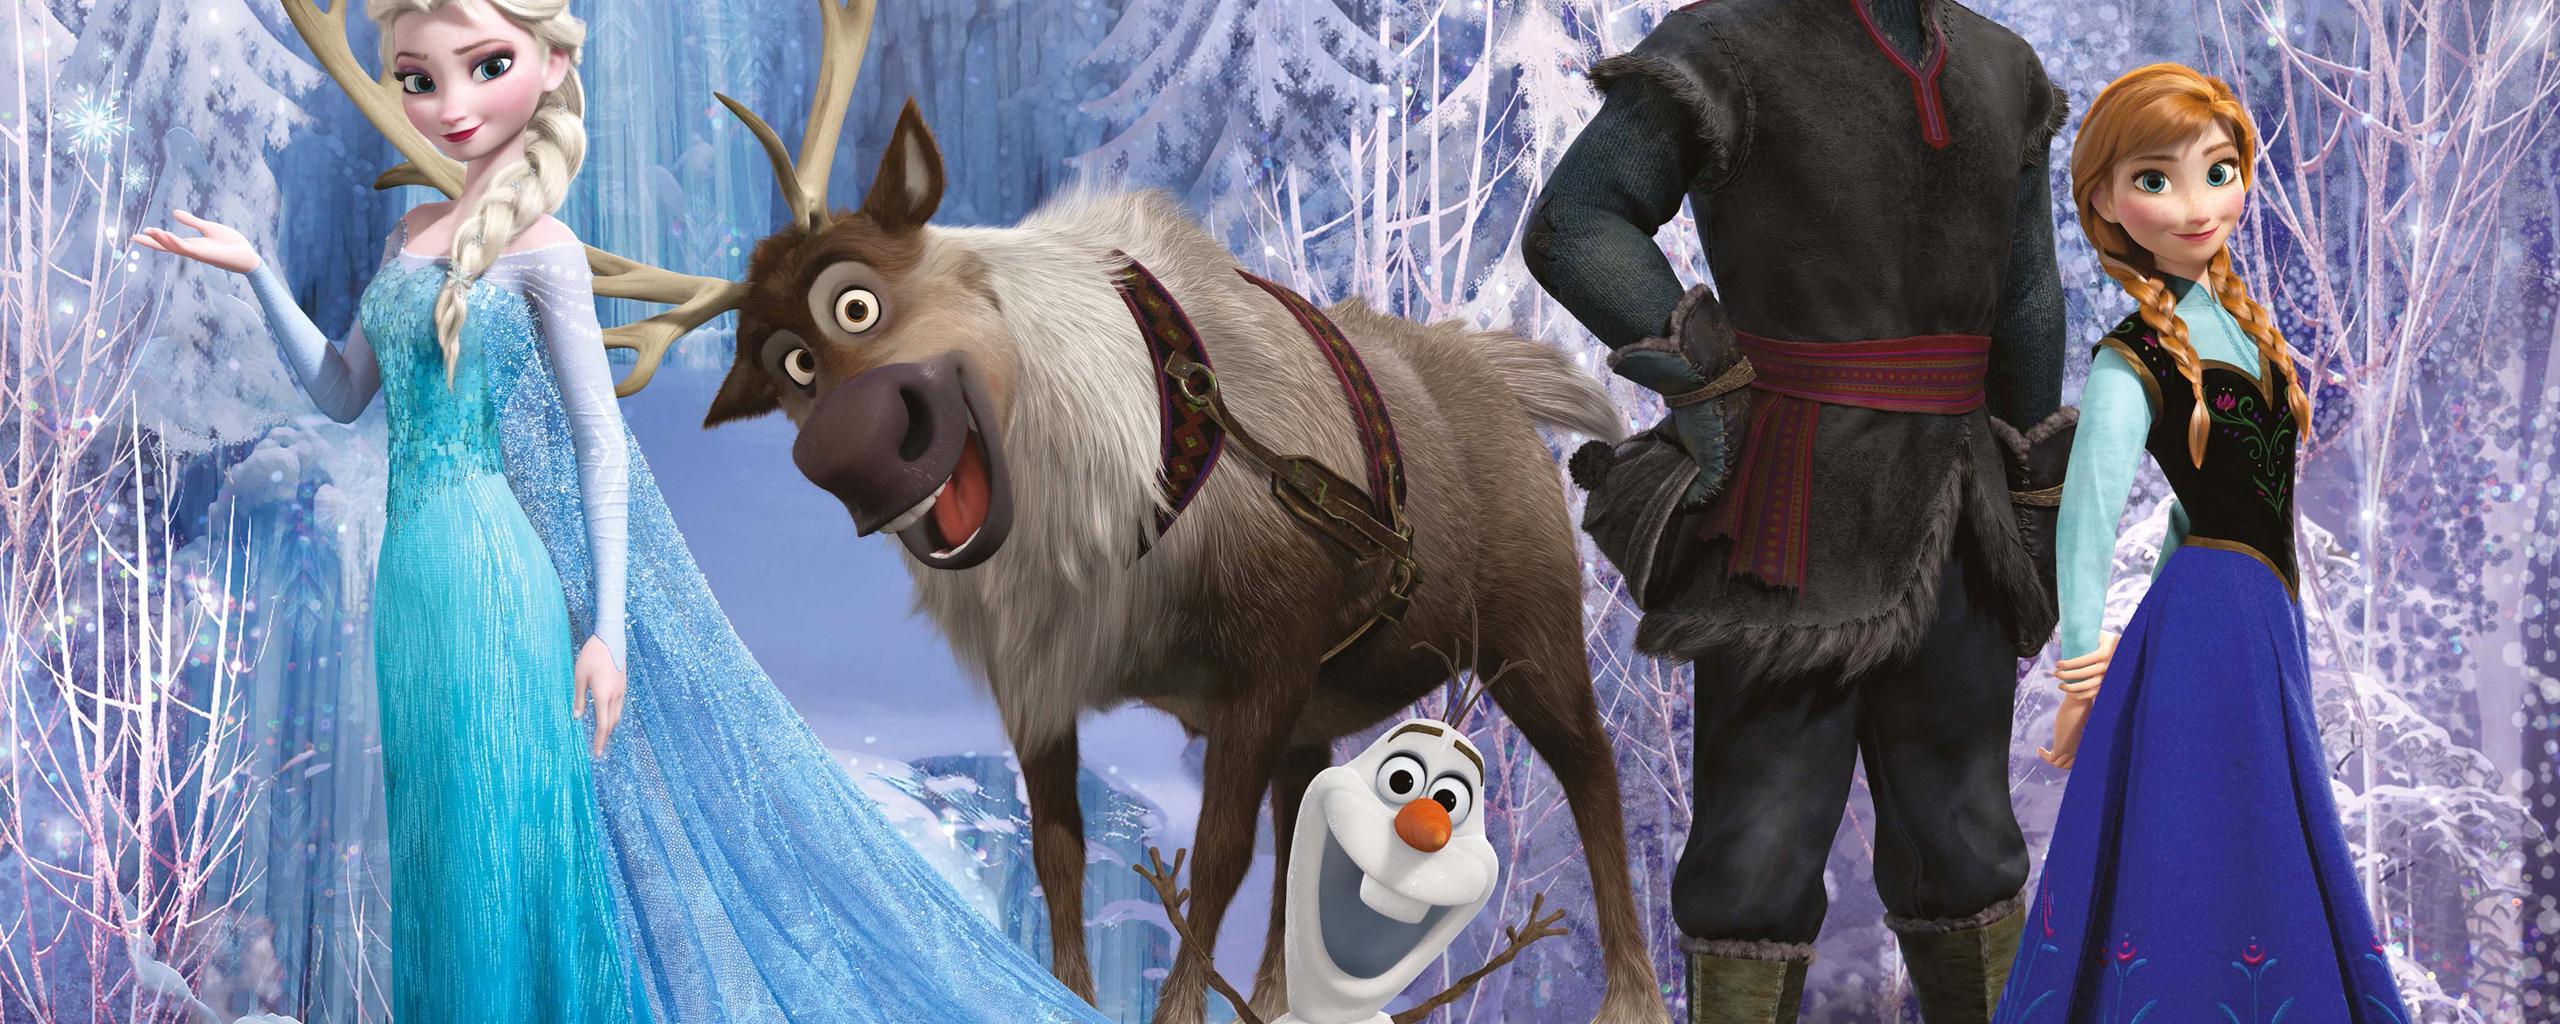 download frozen movie hd